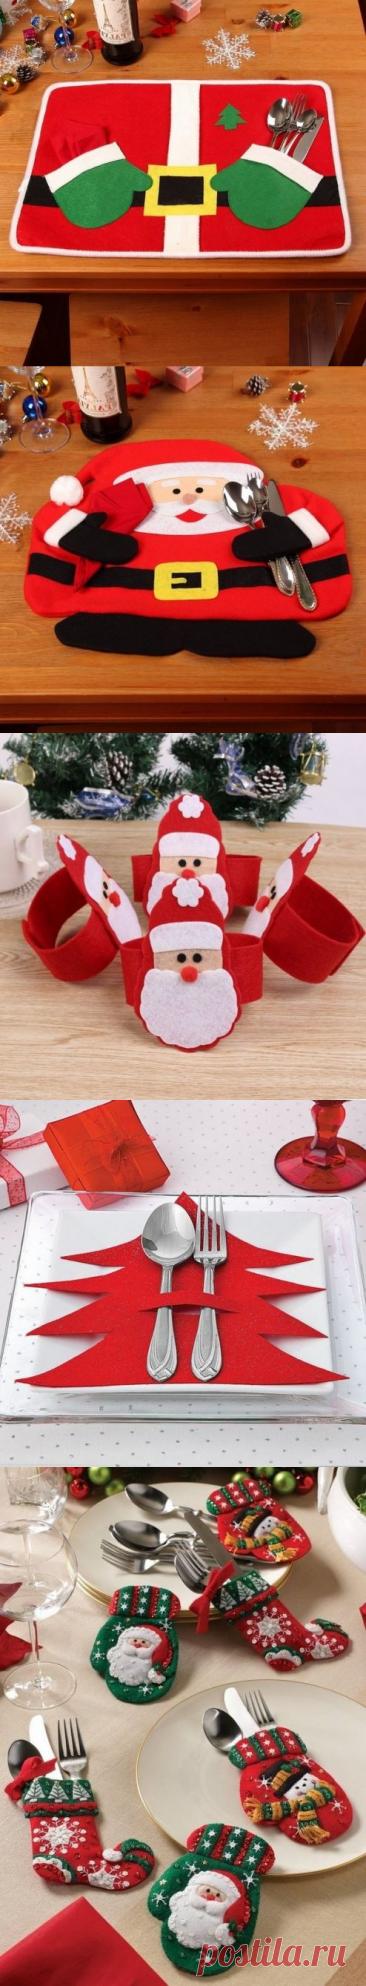 Елочные игрушки и новогодние украшения из фетра своими руками (40 фото)